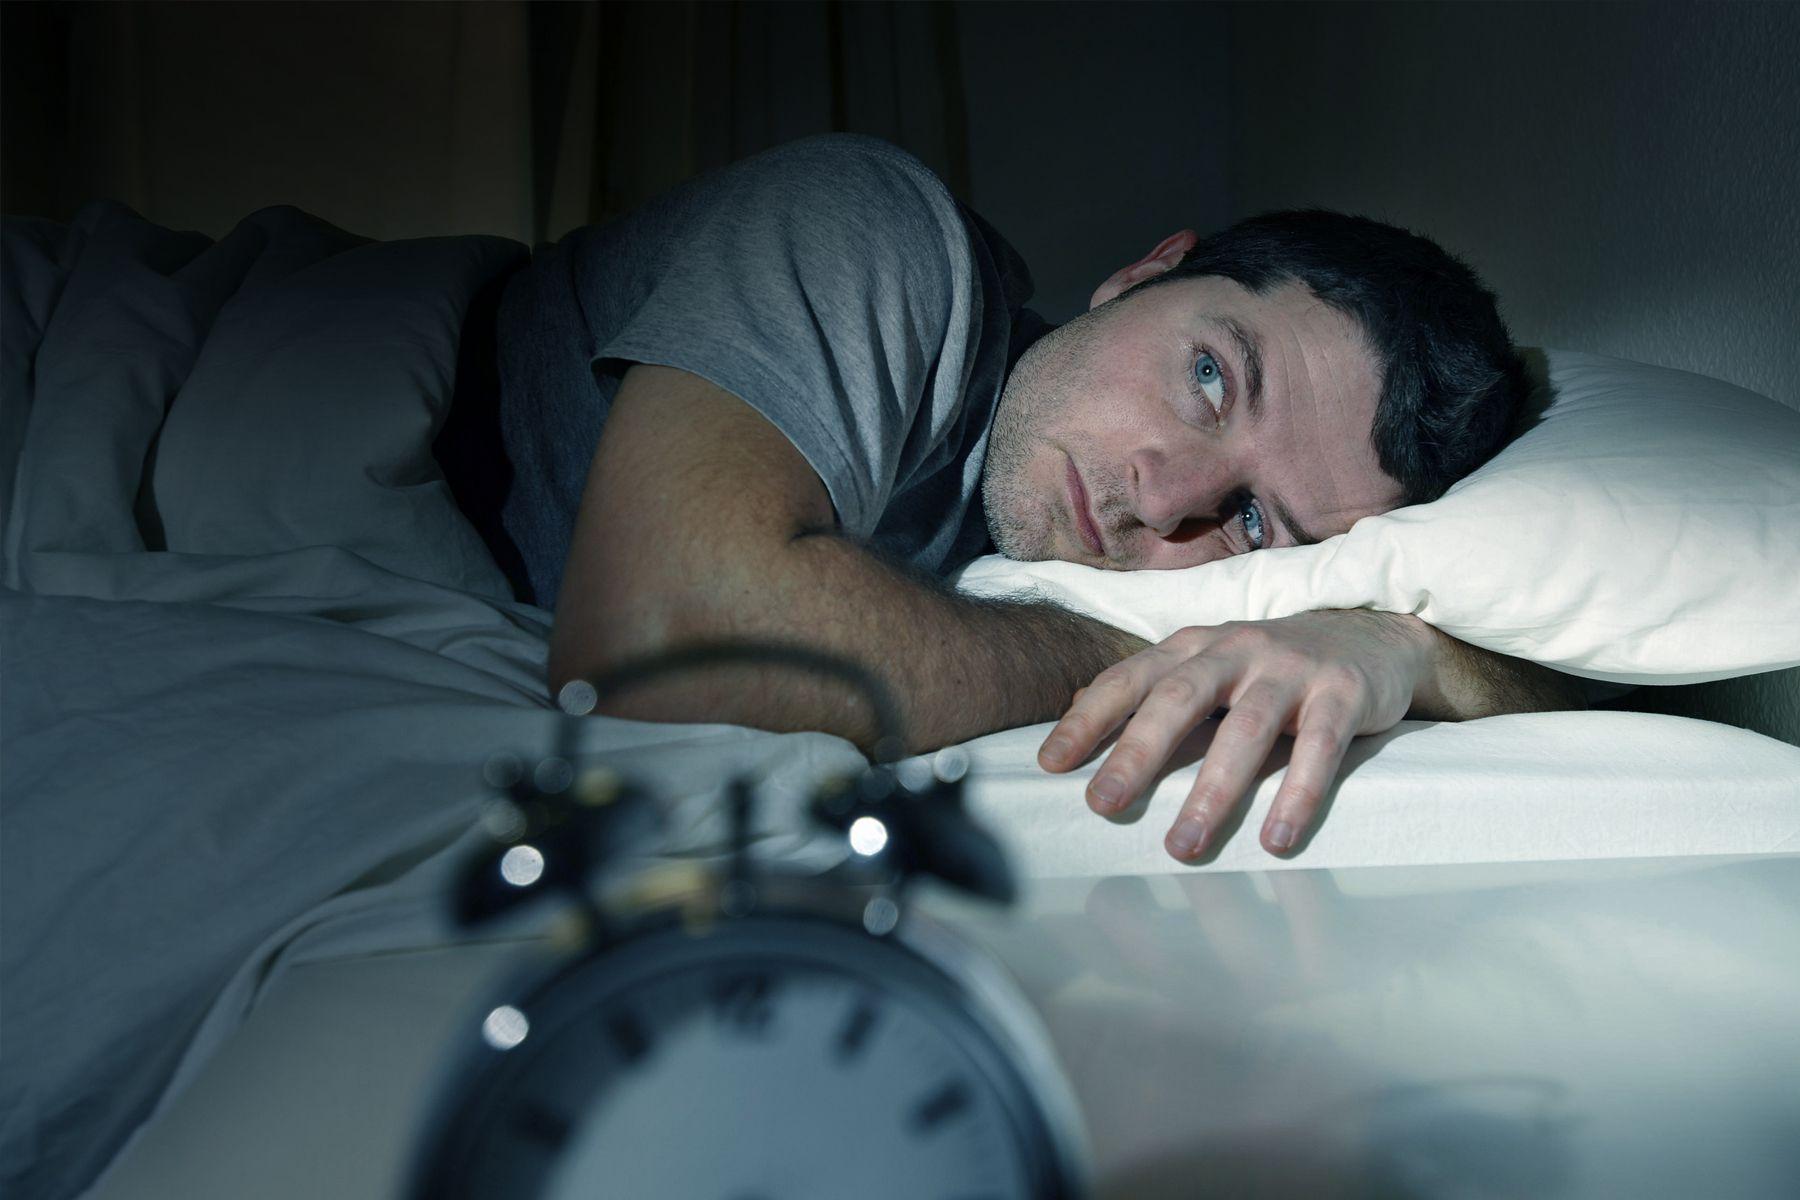 مشاغلی که خواب شما را بهم میزند